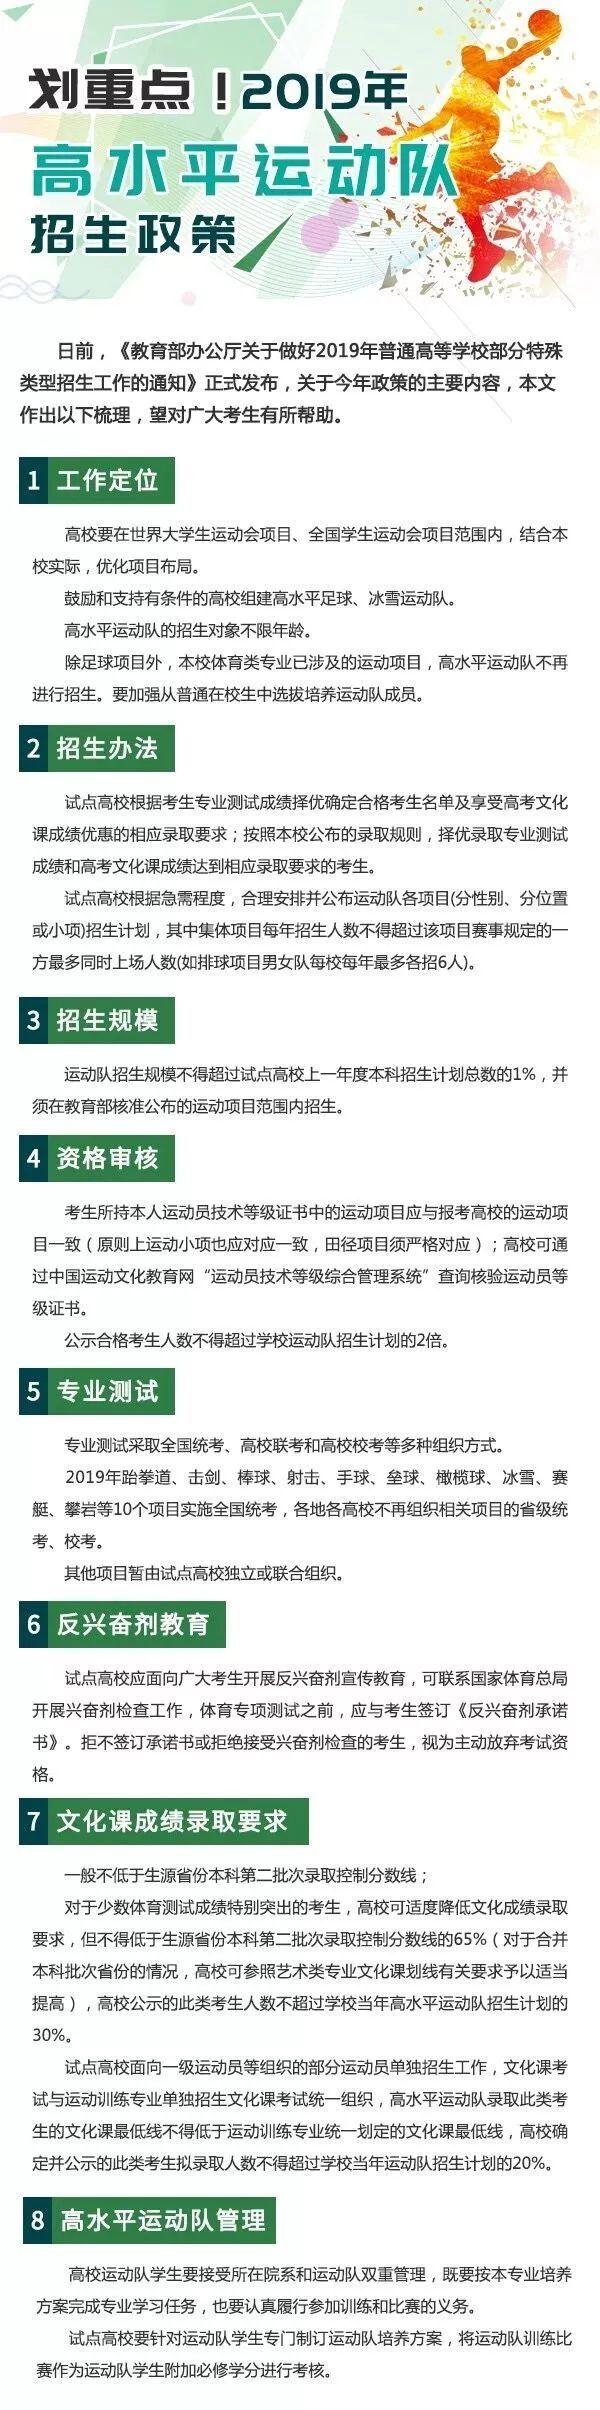 2019年浙江高水平运动队招生政策汇总